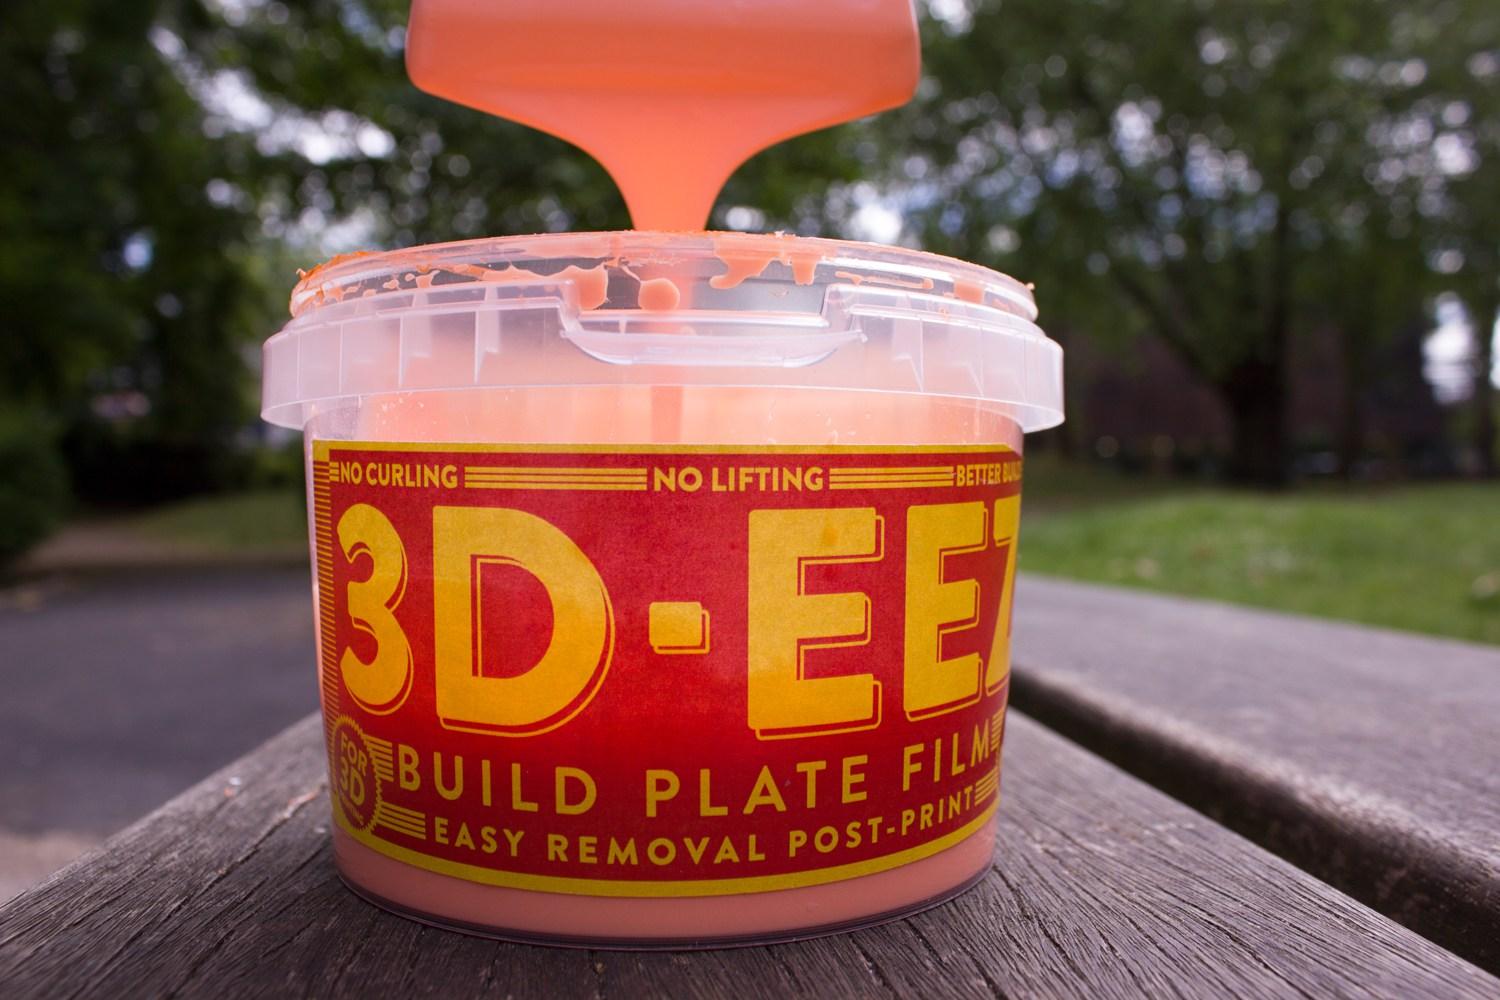 3D-EEZ